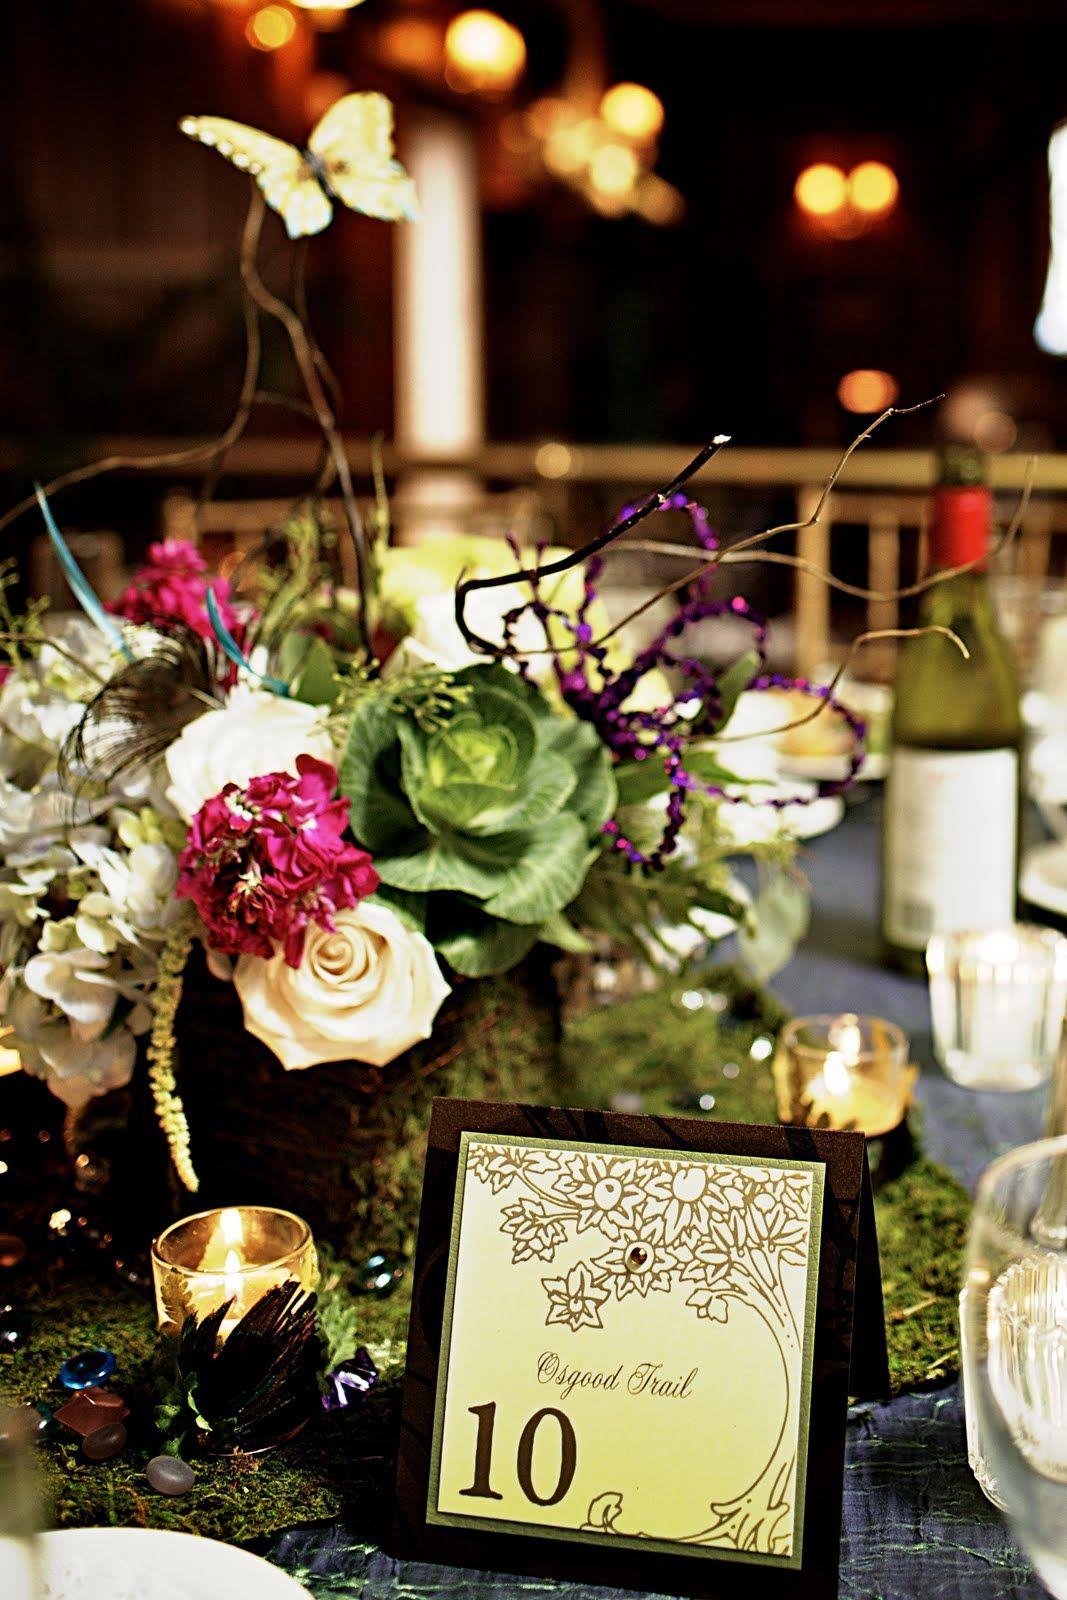 Enchanted garden wedding also  event inspiration board